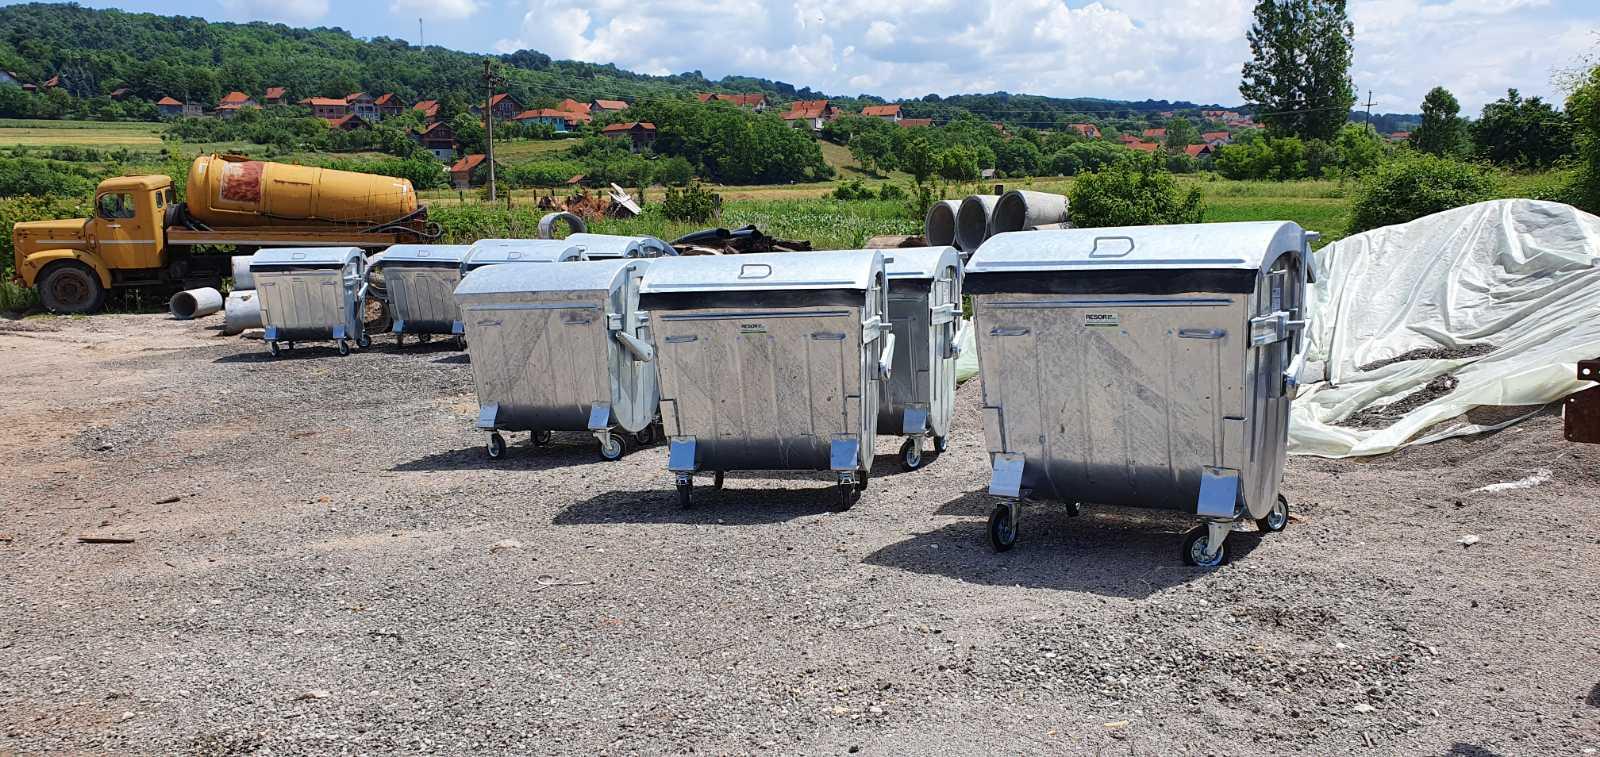 Novi kontejneri, foto: M.M.